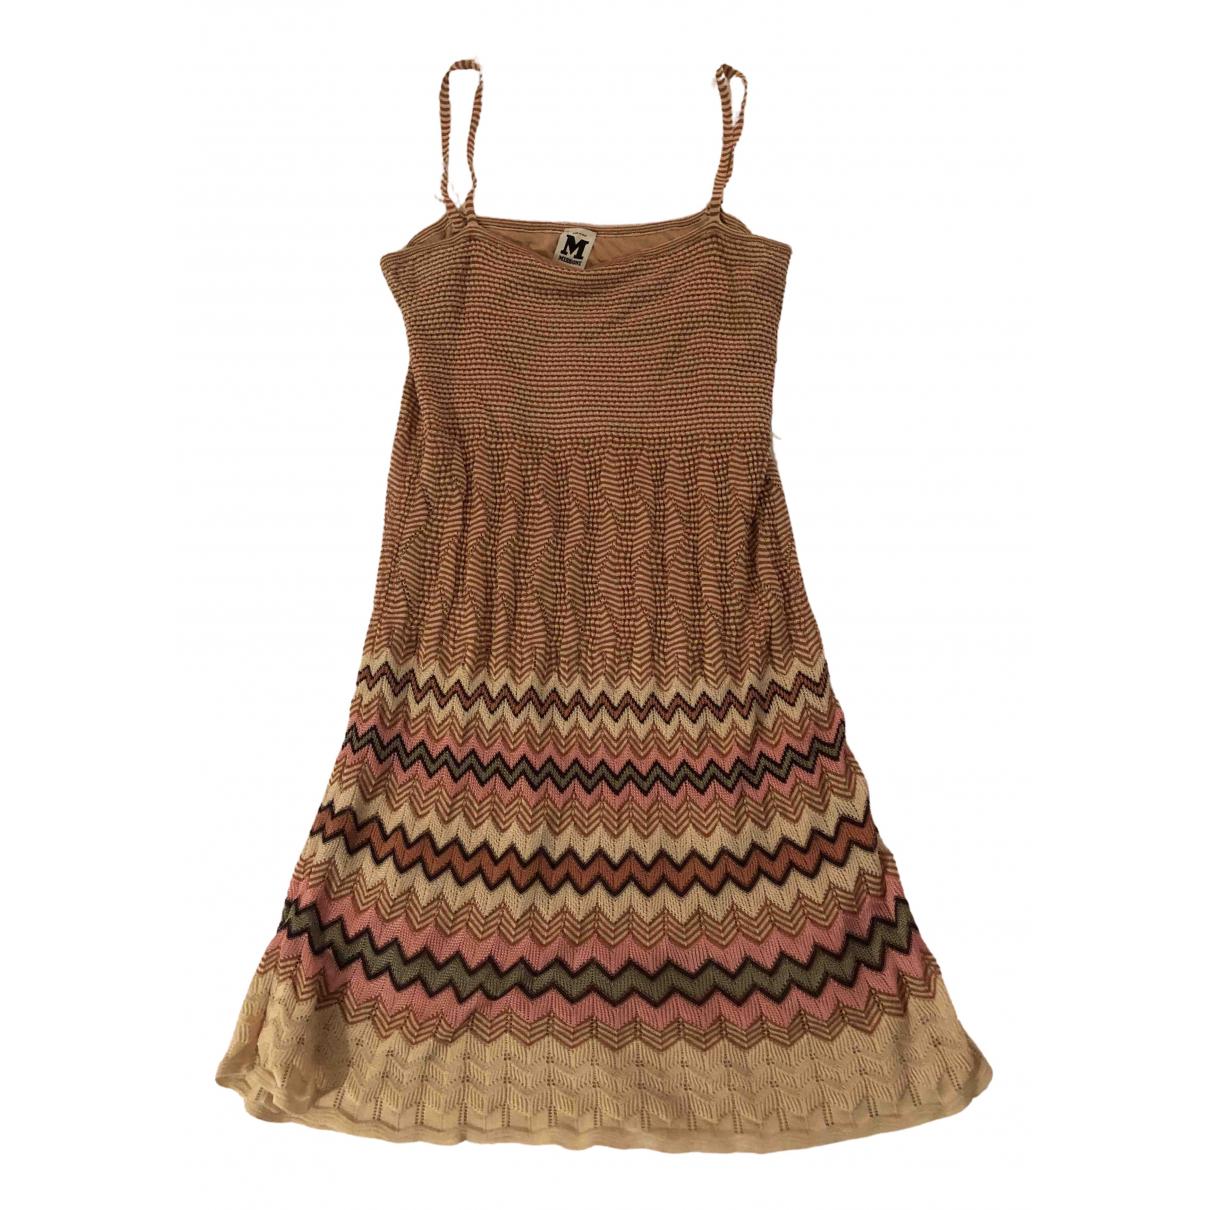 M Missoni \N Beige dress for Women 44 IT